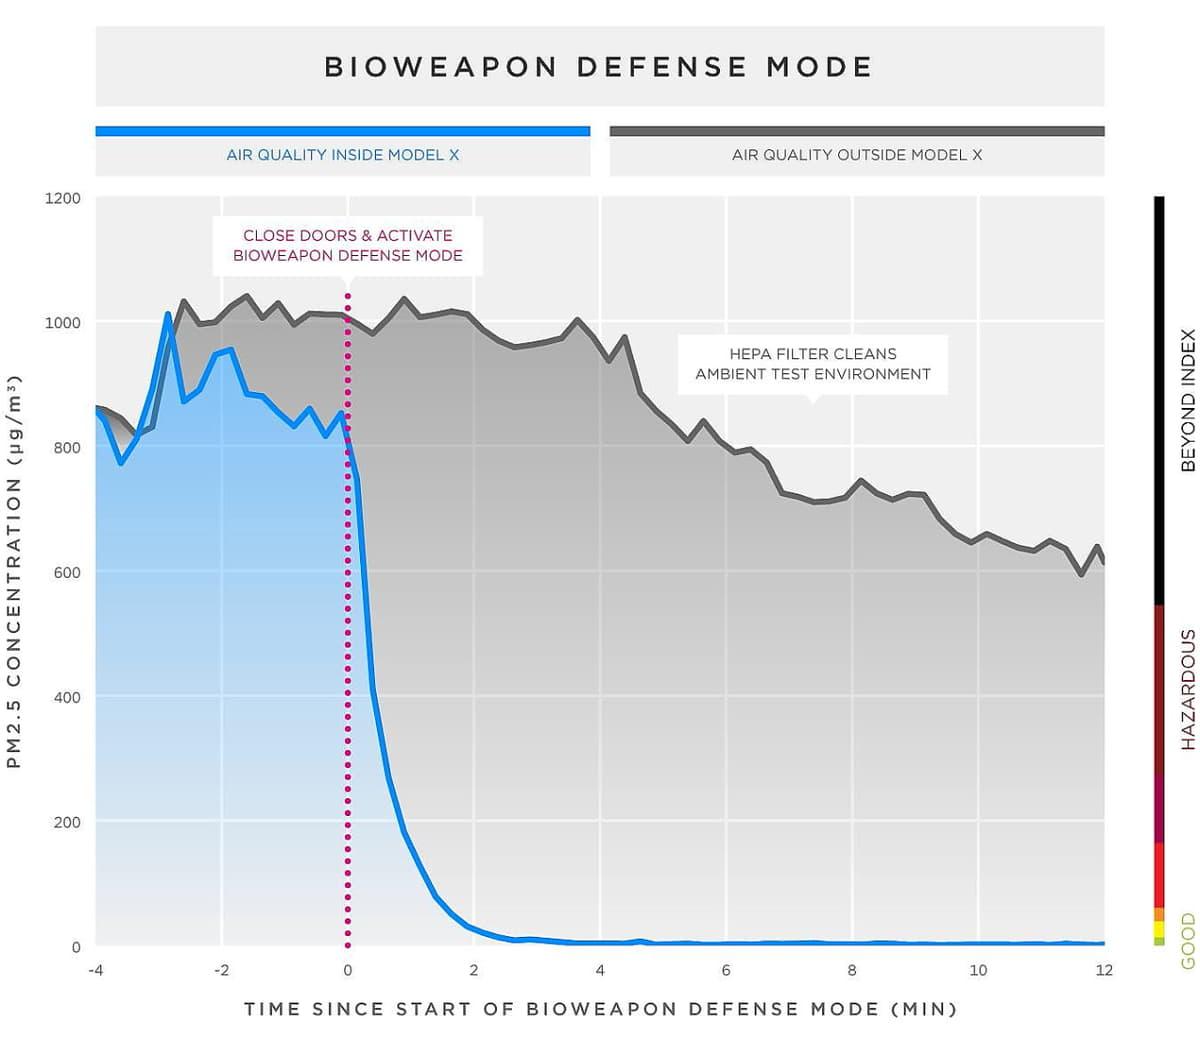 新型コロナウイルスに効くクルマ!? 「テスラ」の生物兵器防衛モード付きエアフィルターシステムとは